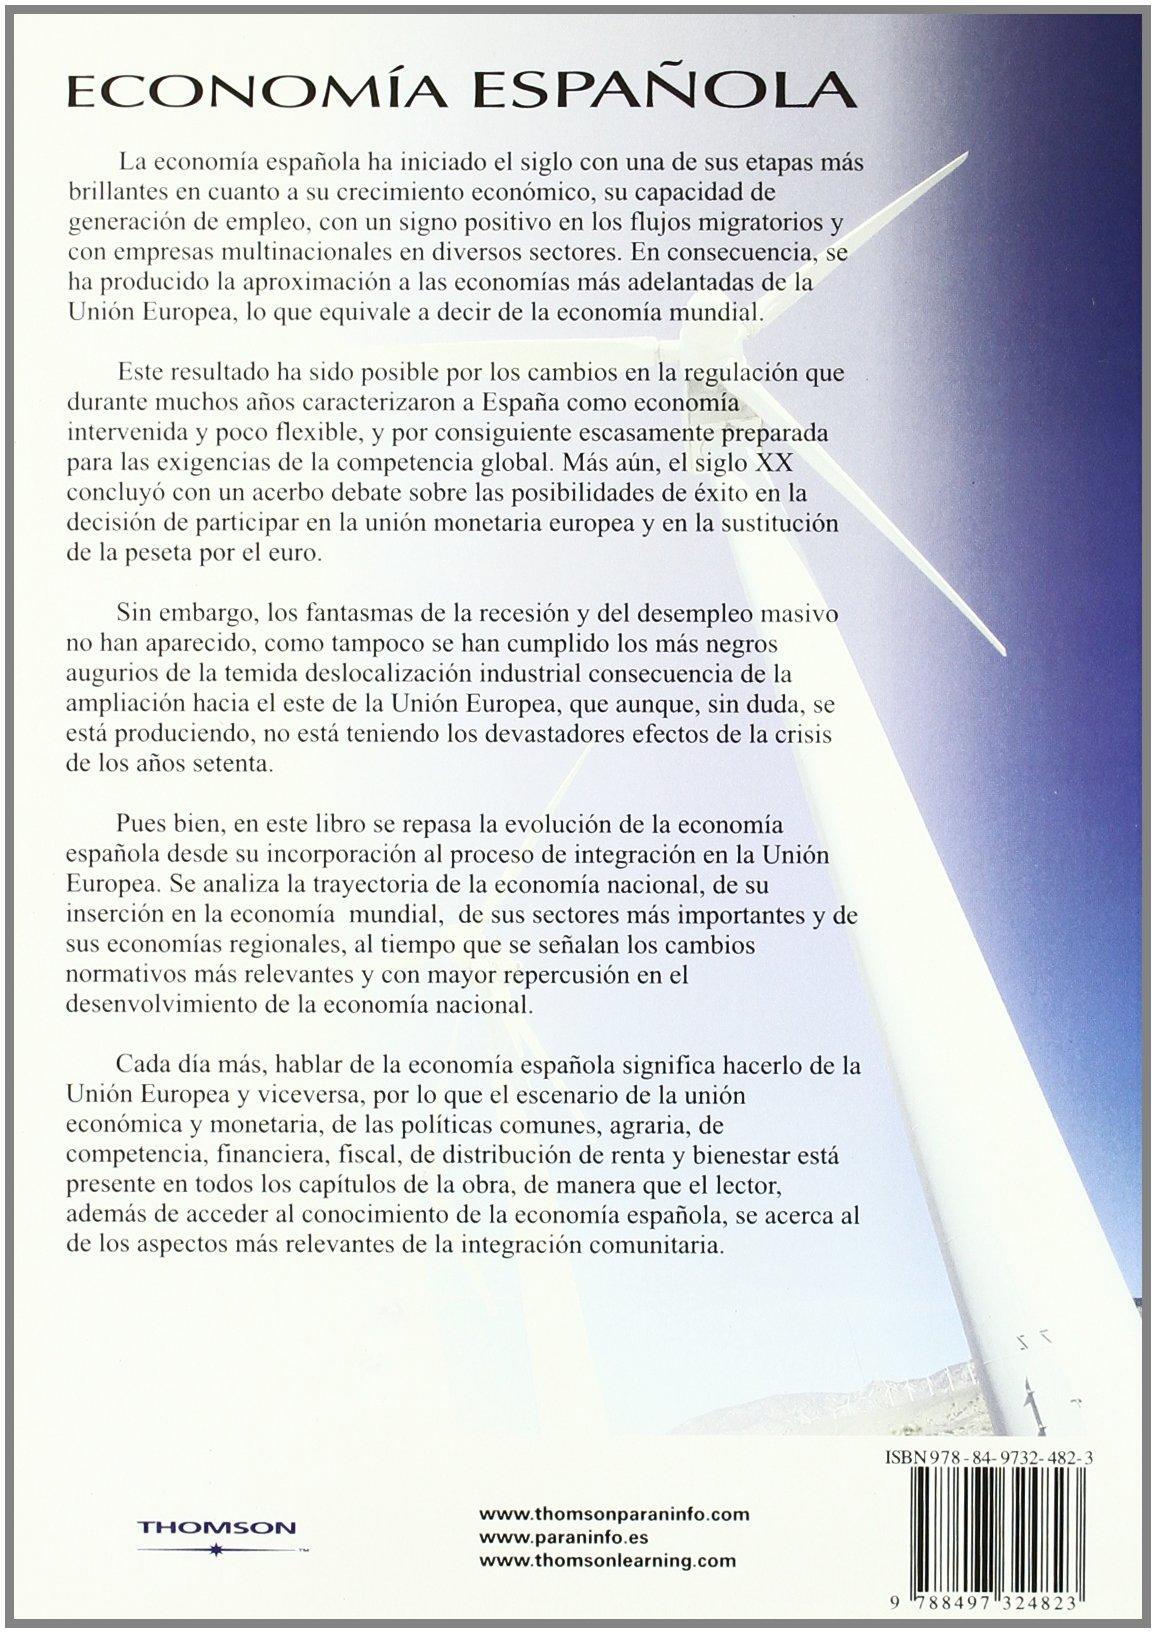 Economía española. Estructura y regulación: Amazon.es: GARCÍA DE LA CRUZ, JOSÉ MANUEL, RUESGA BENITO, SANTOS MIGUEL: Libros